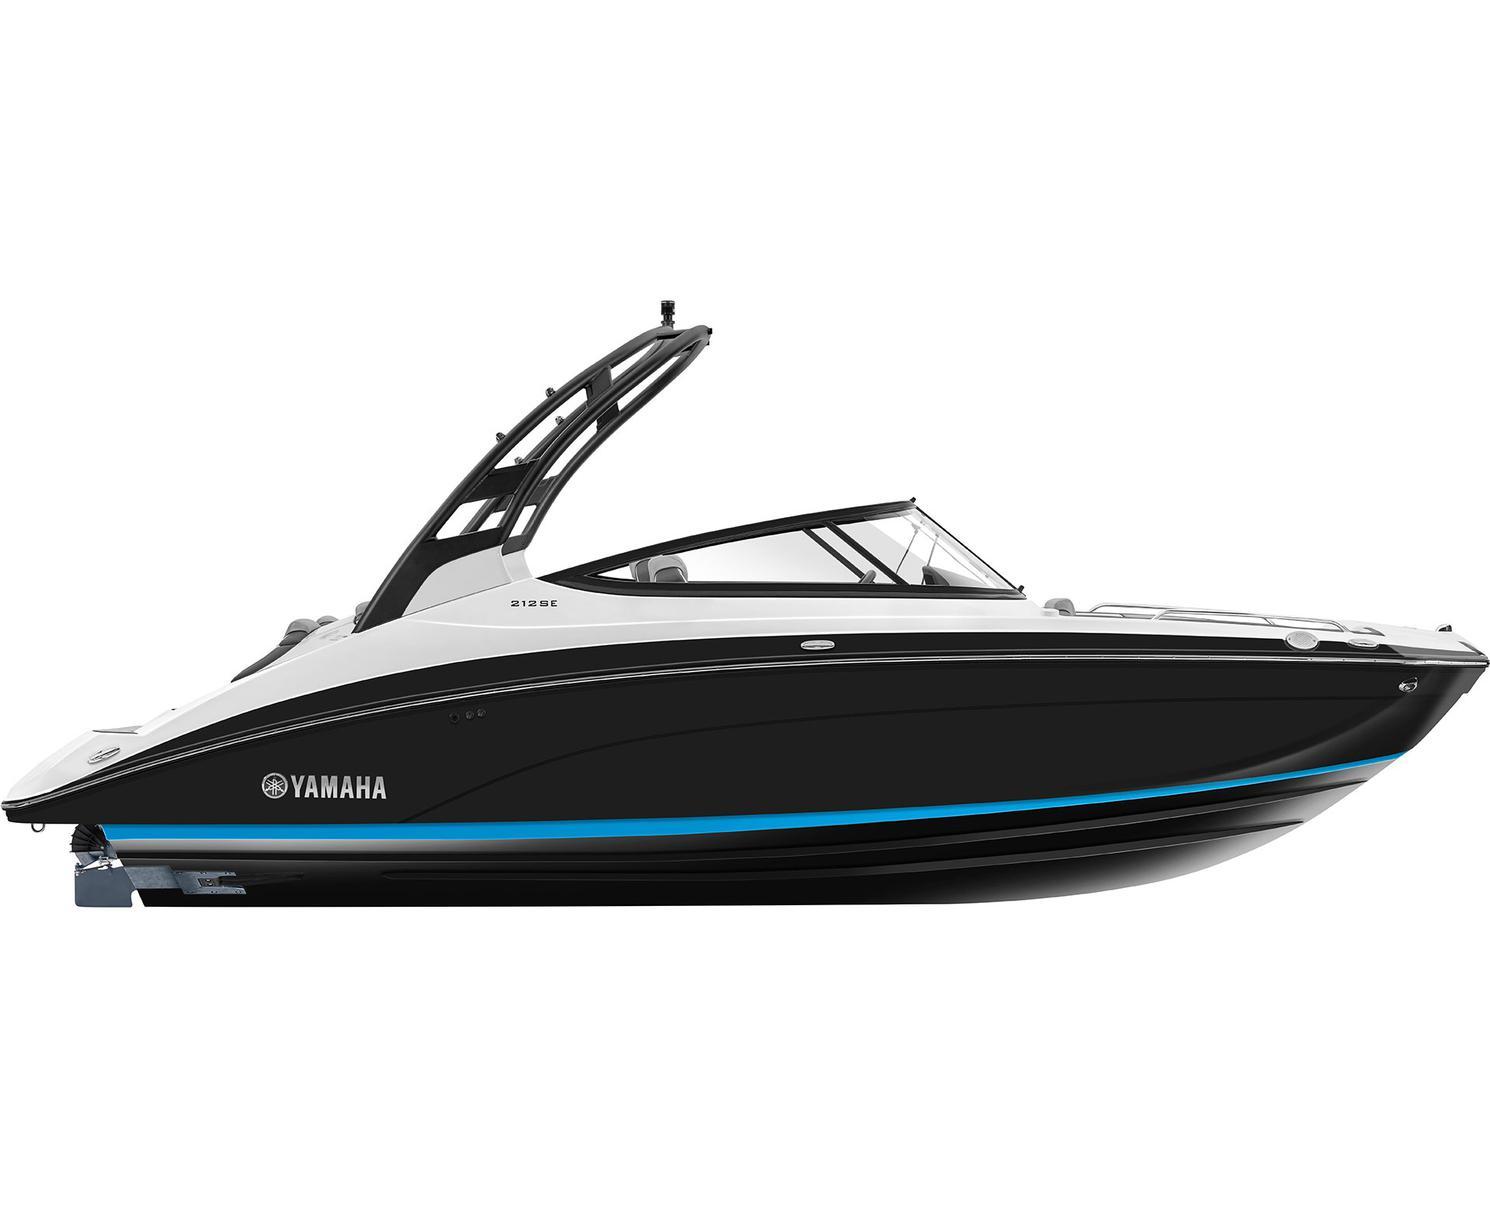 Yamaha 212SE Black